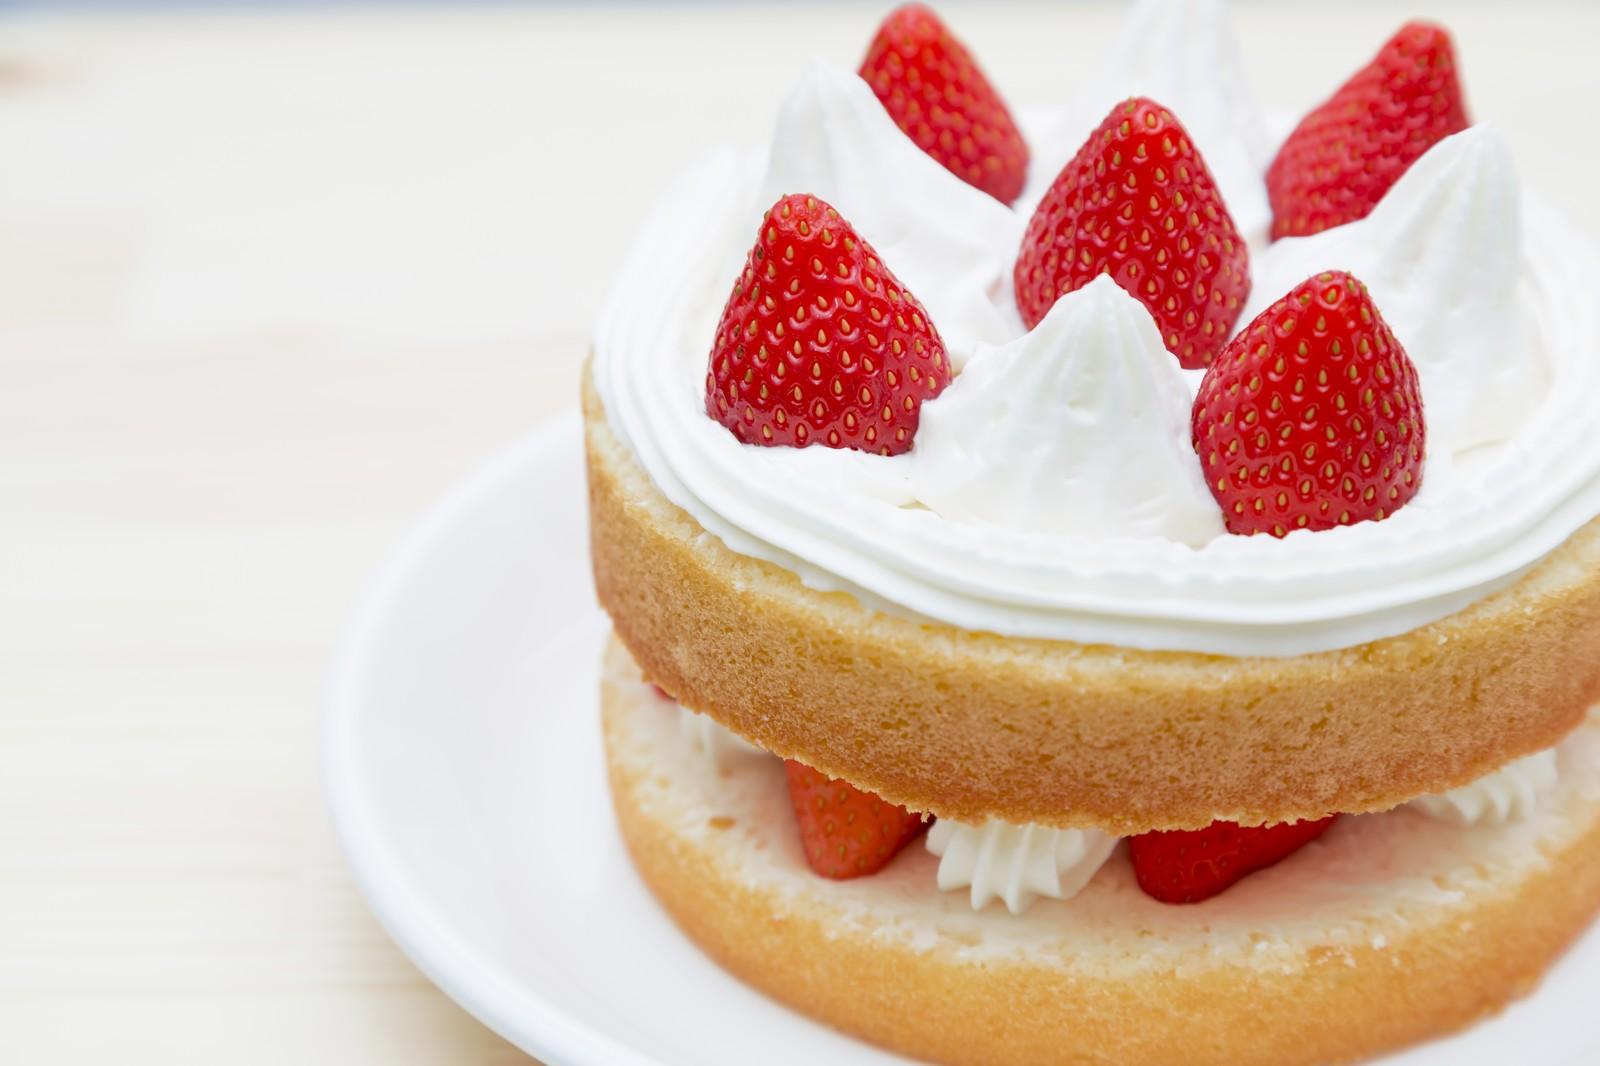 【誕生日/記念日/手土産】草加市のおすすめケーキ屋さん3選<当日予約okも!>